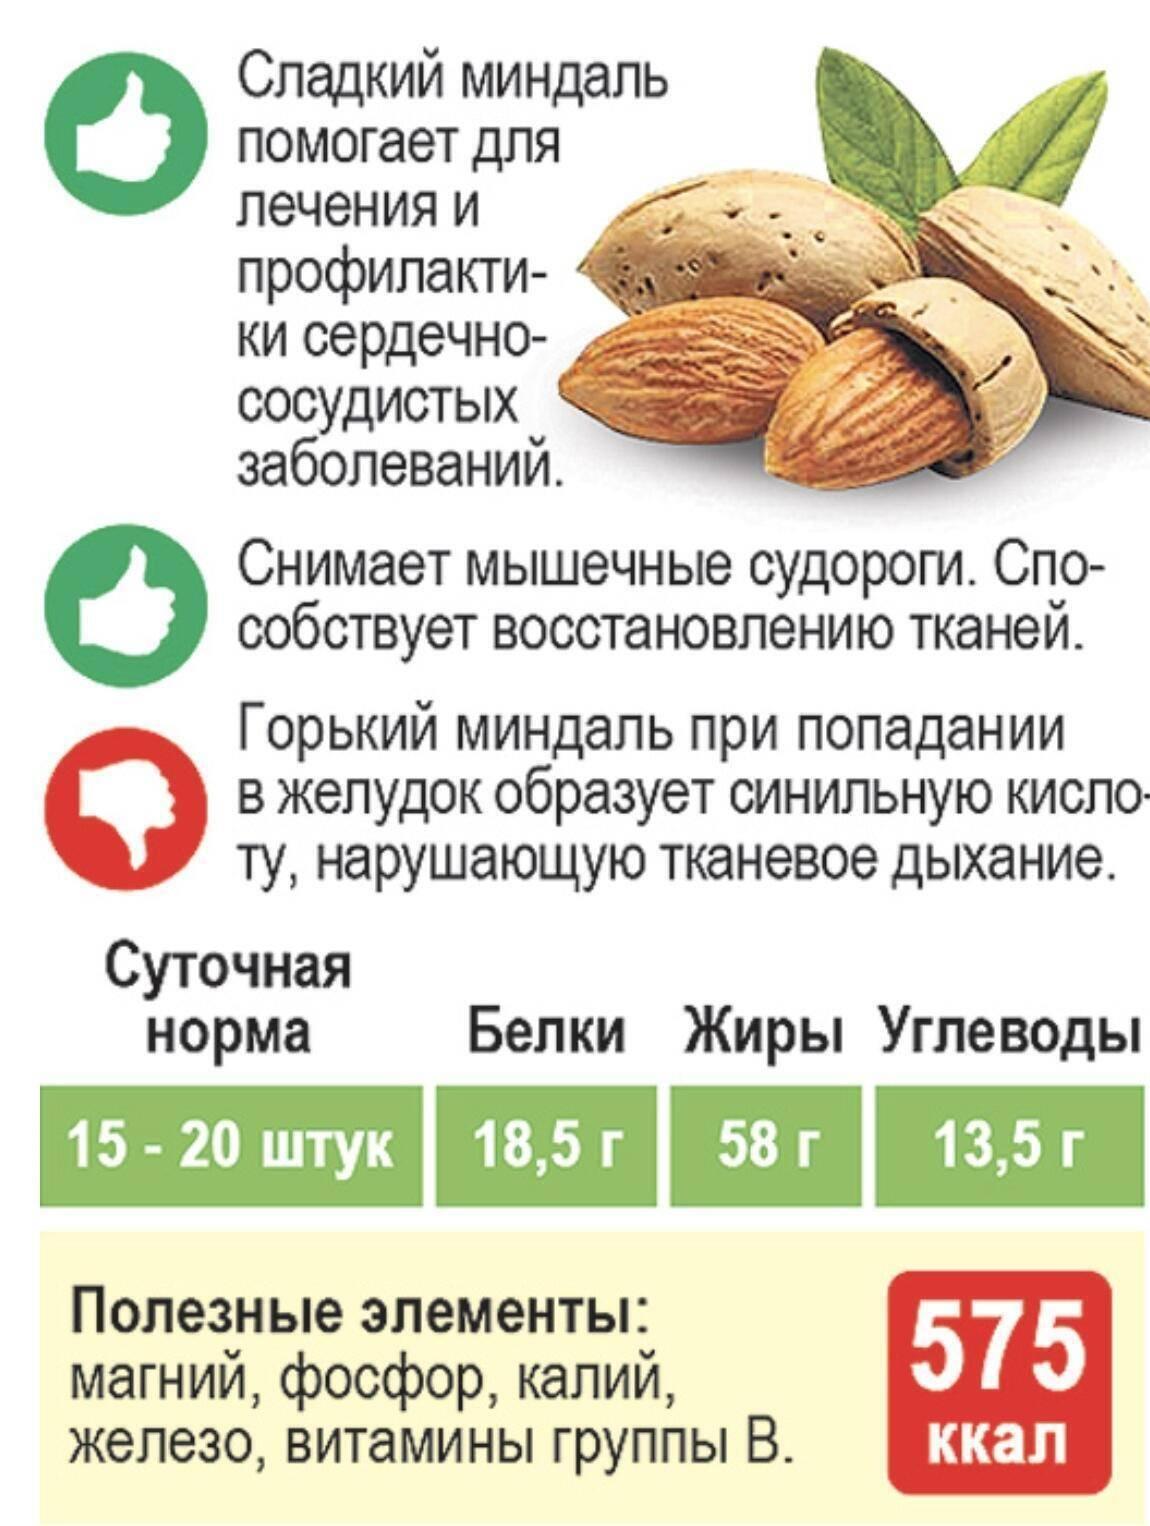 Польза и вред арахиса: свойства для здоровья человека, для организма женщин и мужчин, какой орех лучше - сырой или жареный, сколько нужно съесть